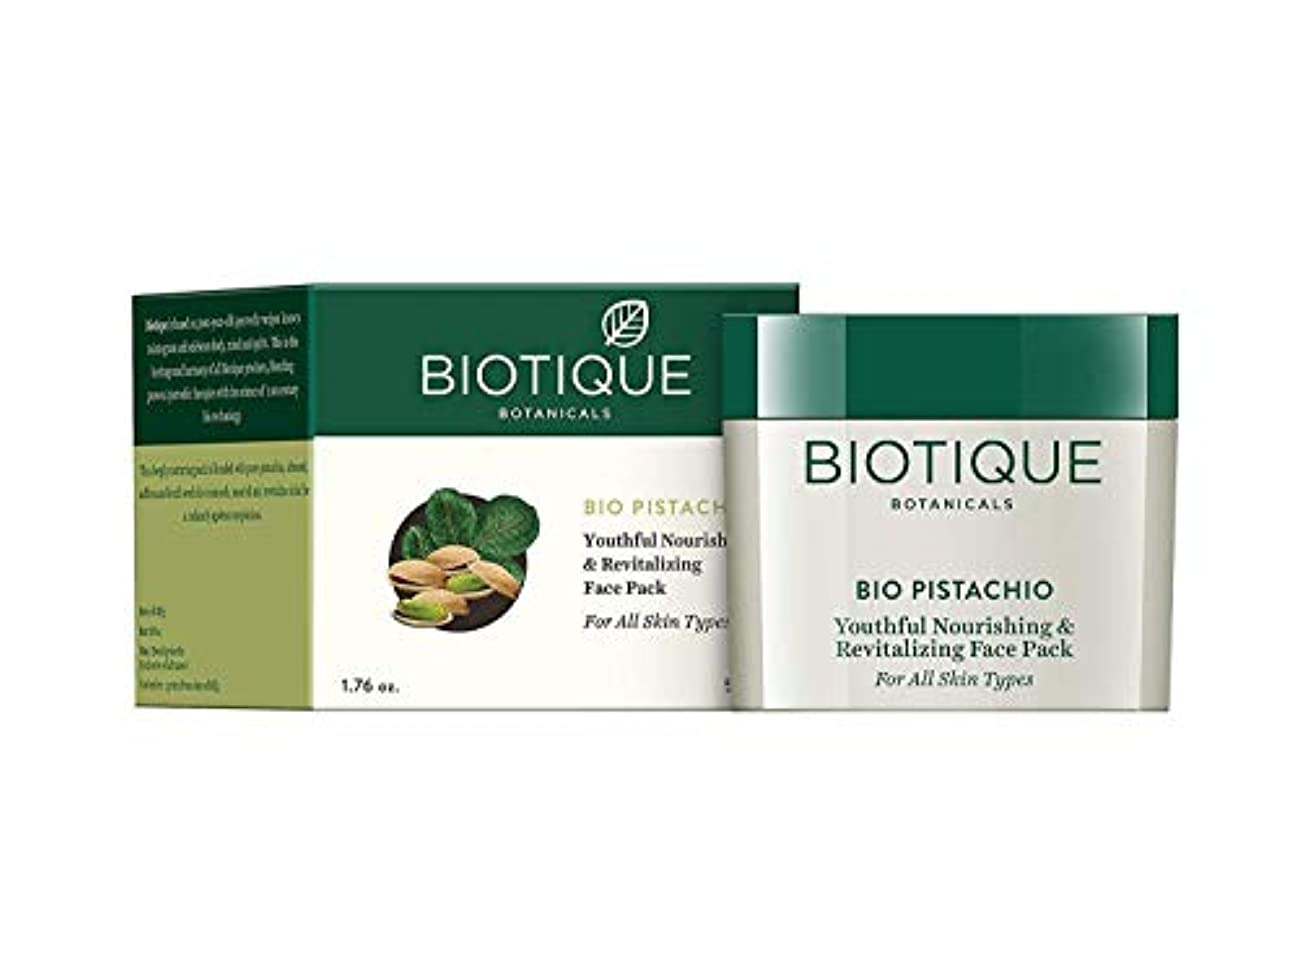 例示する鉄誤ってBiotique Bio Pistachio Youthful Nourishing & Revitalizing Face Pack 50 grams ビオティックバイオピスタチオ若々しい栄養と活力を与えるフェイスパック